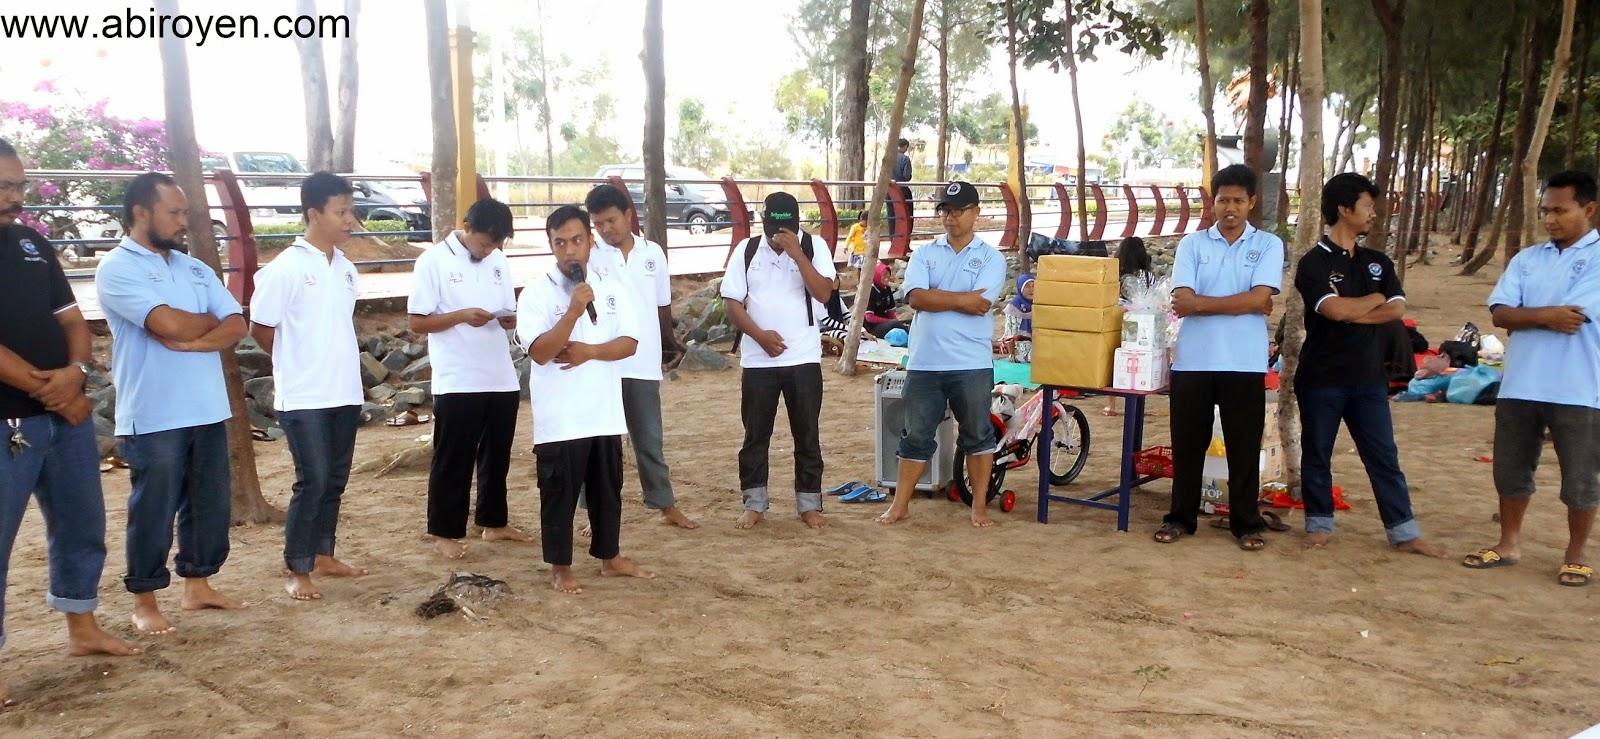 Family%2BGathering%2B3 Family Gathering Ikatan Alumni SMKN2 Surakarta Regional Batam